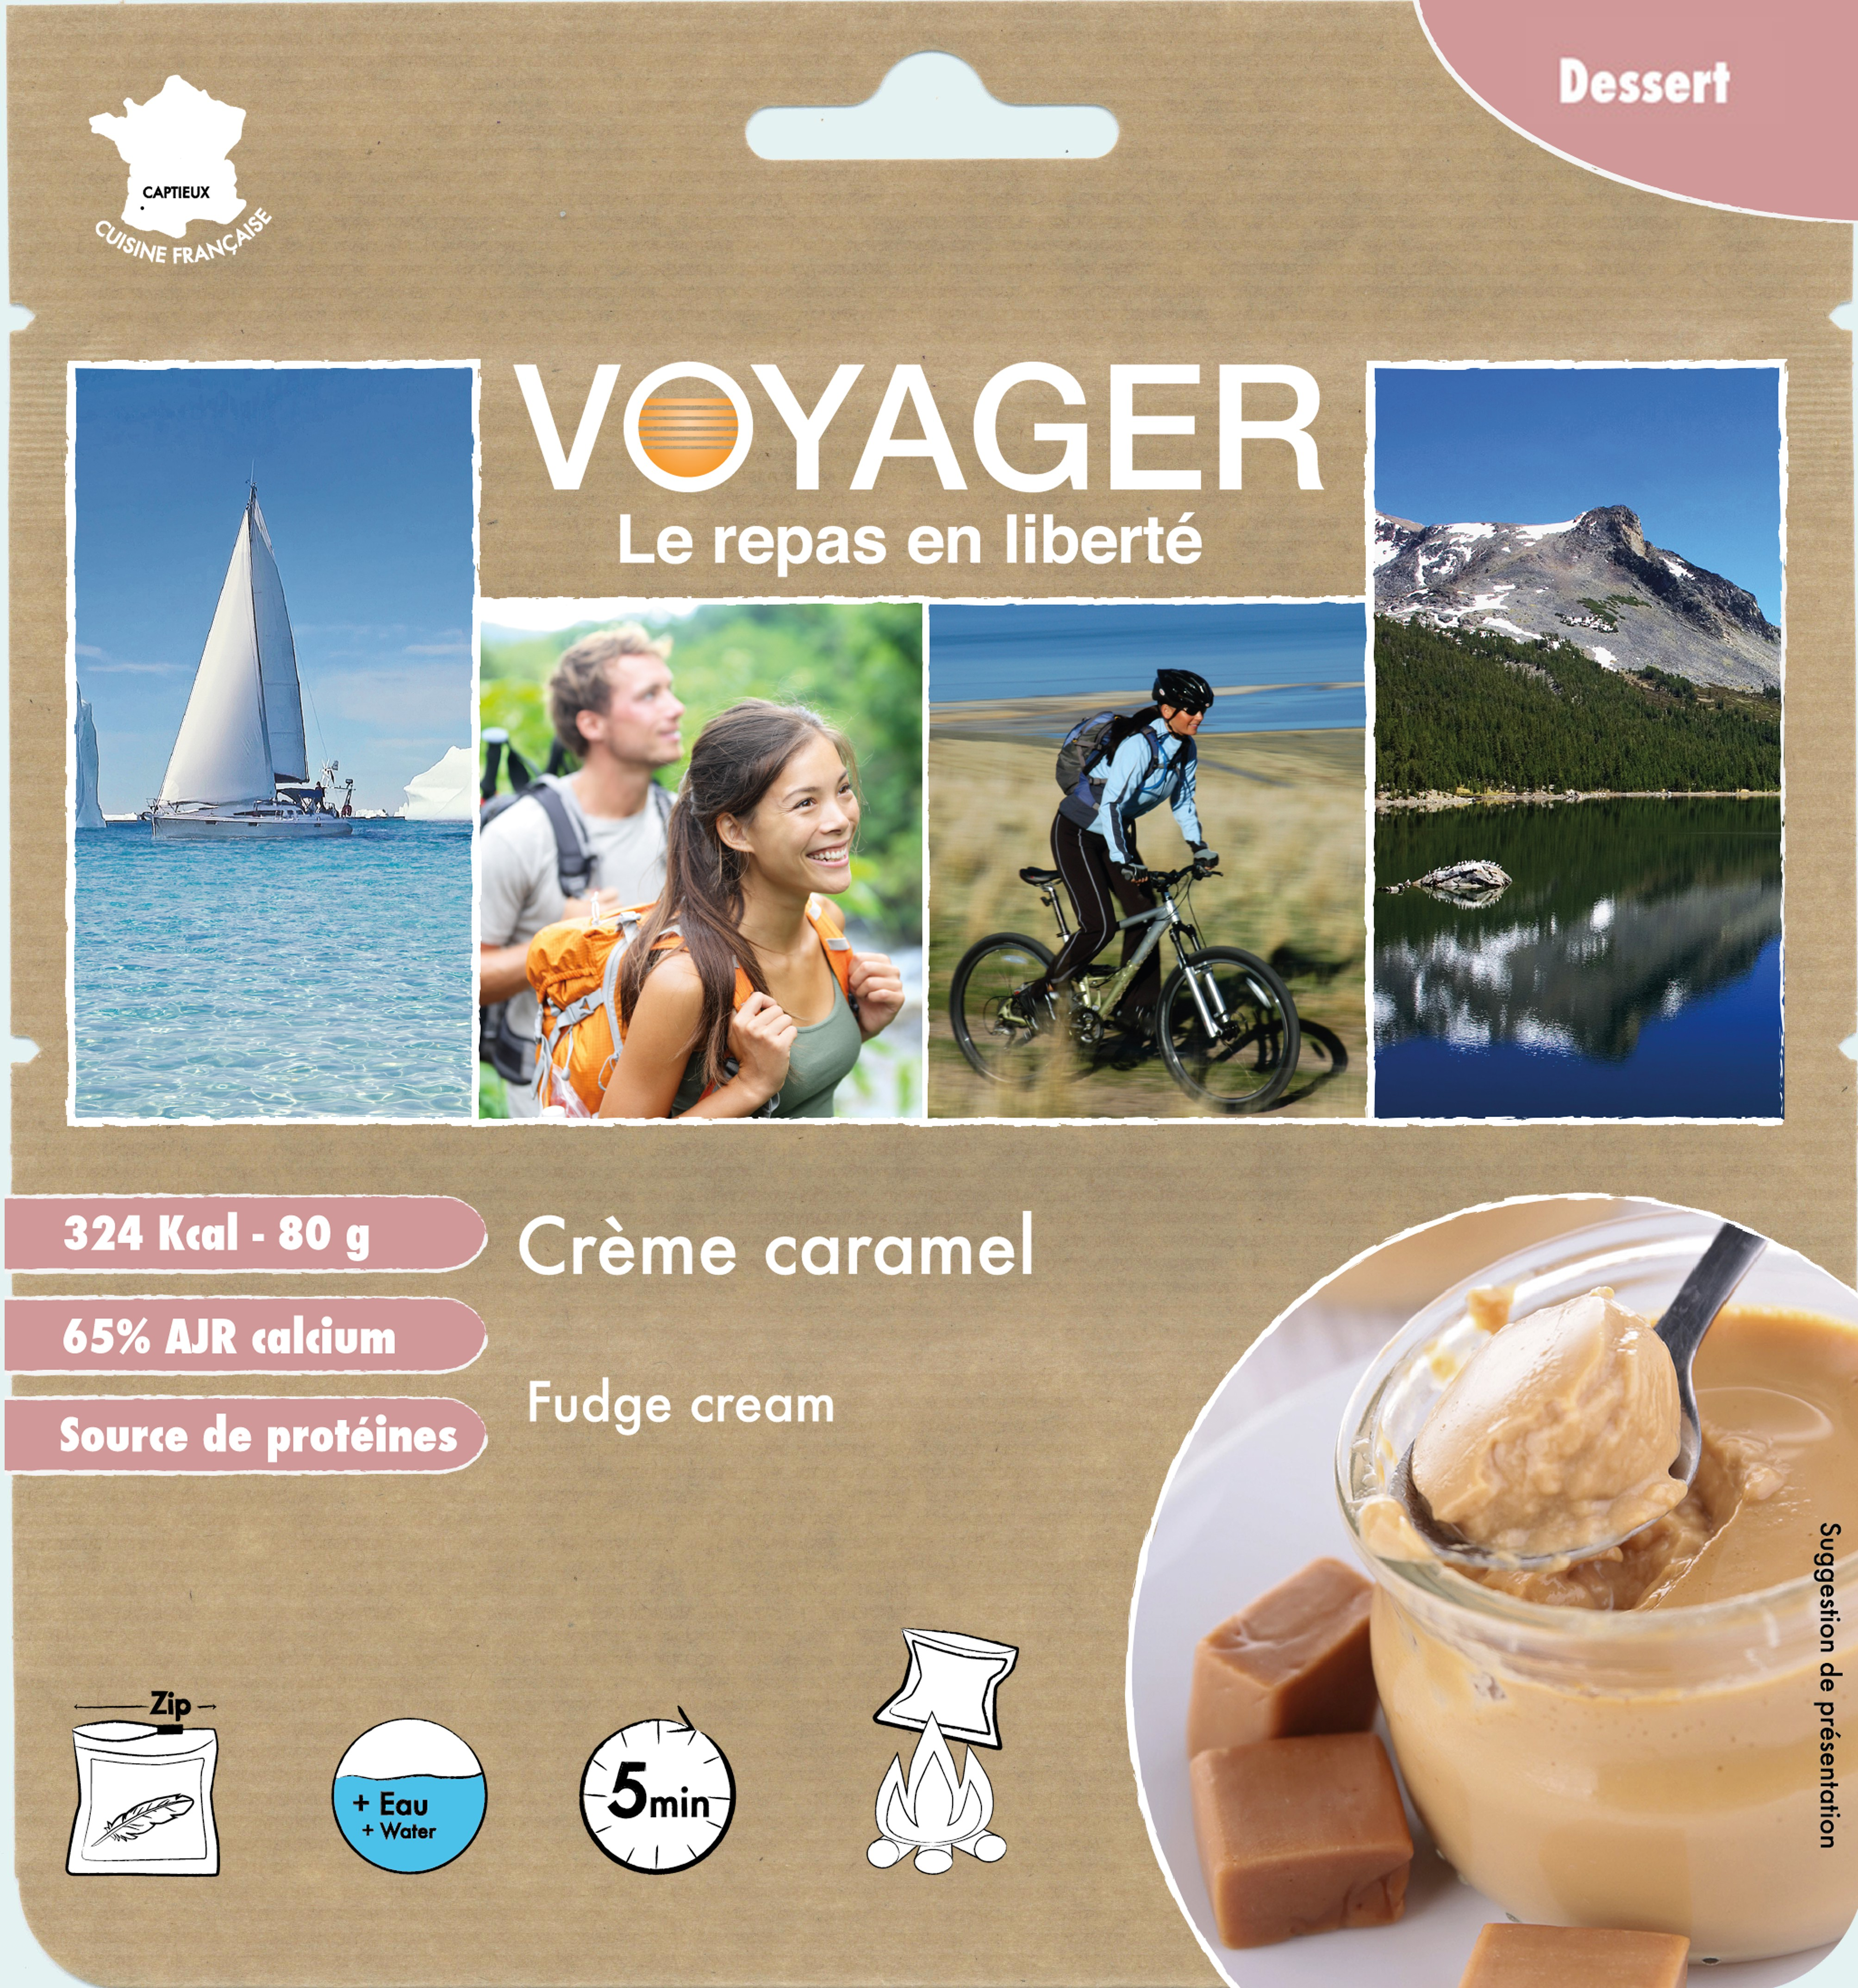 Fudge Cream- Voyager